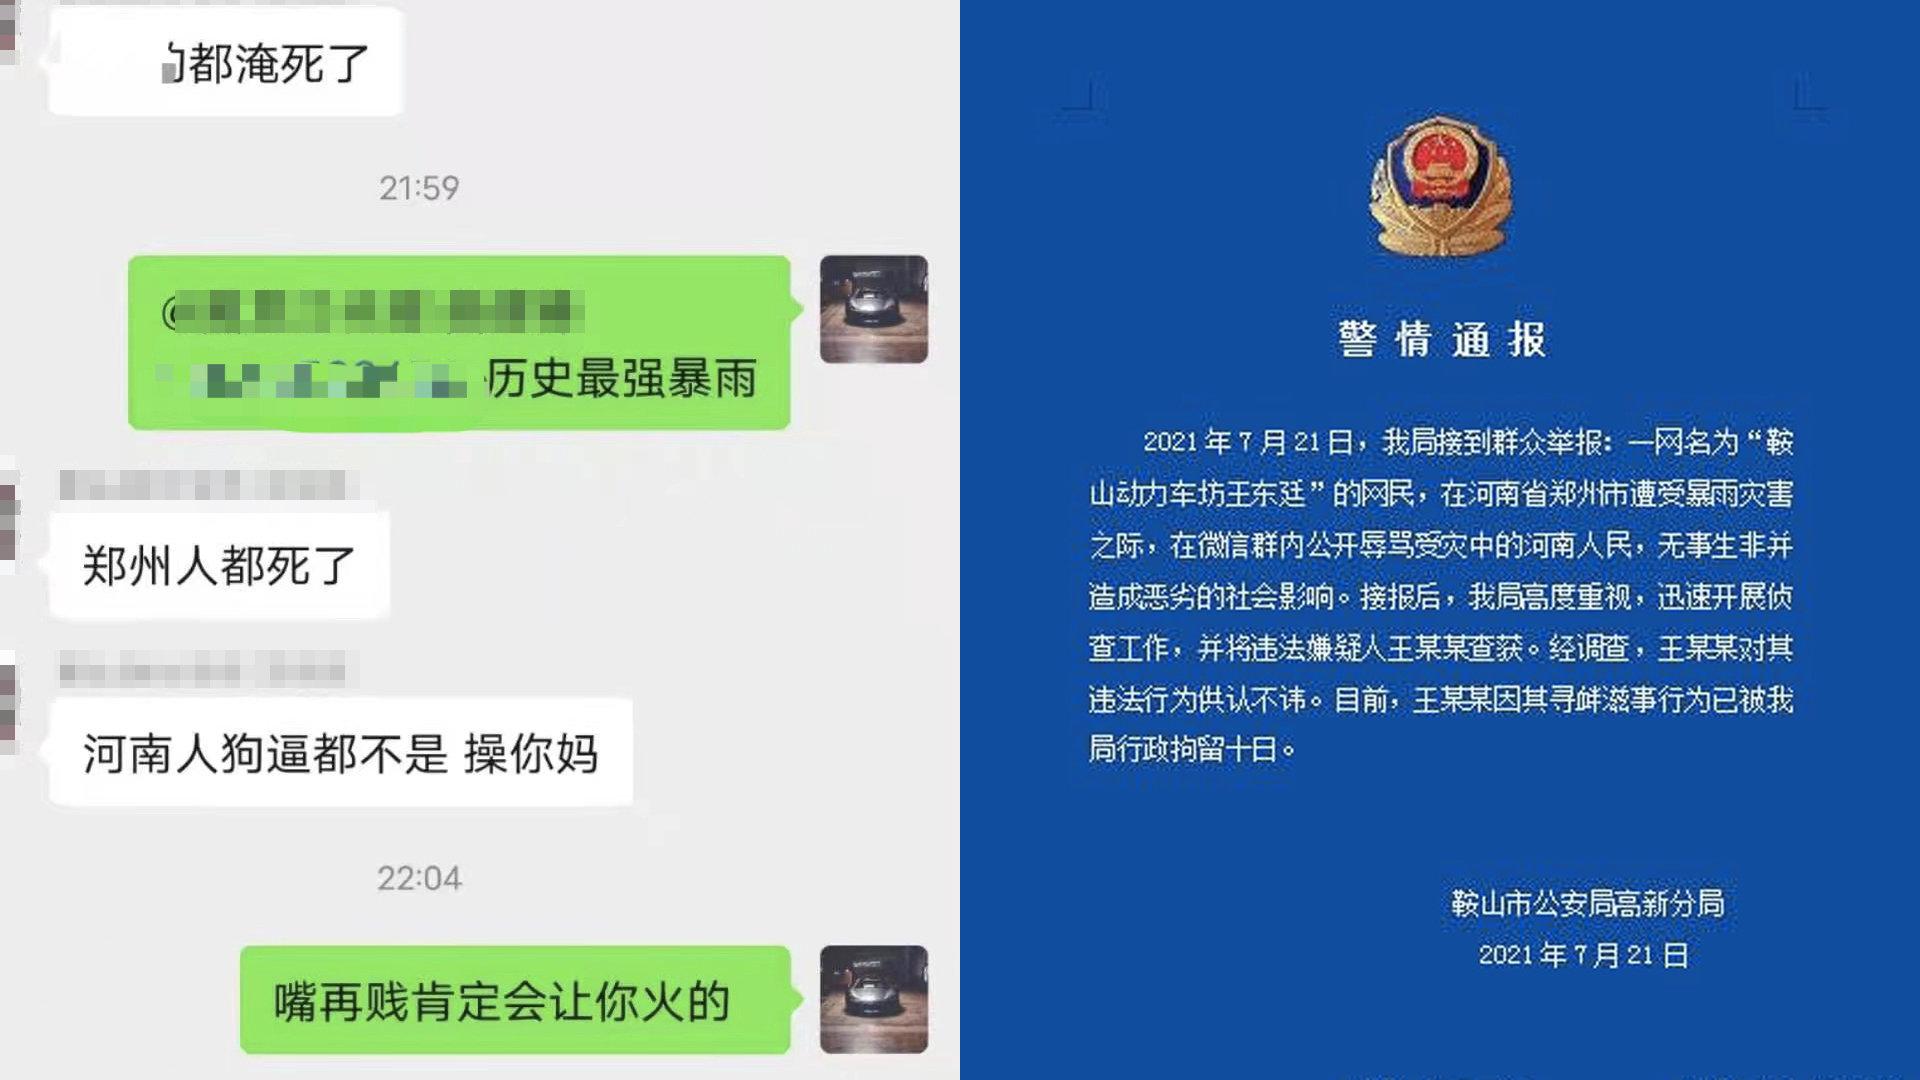 一网民辱骂河南人民被拘10日